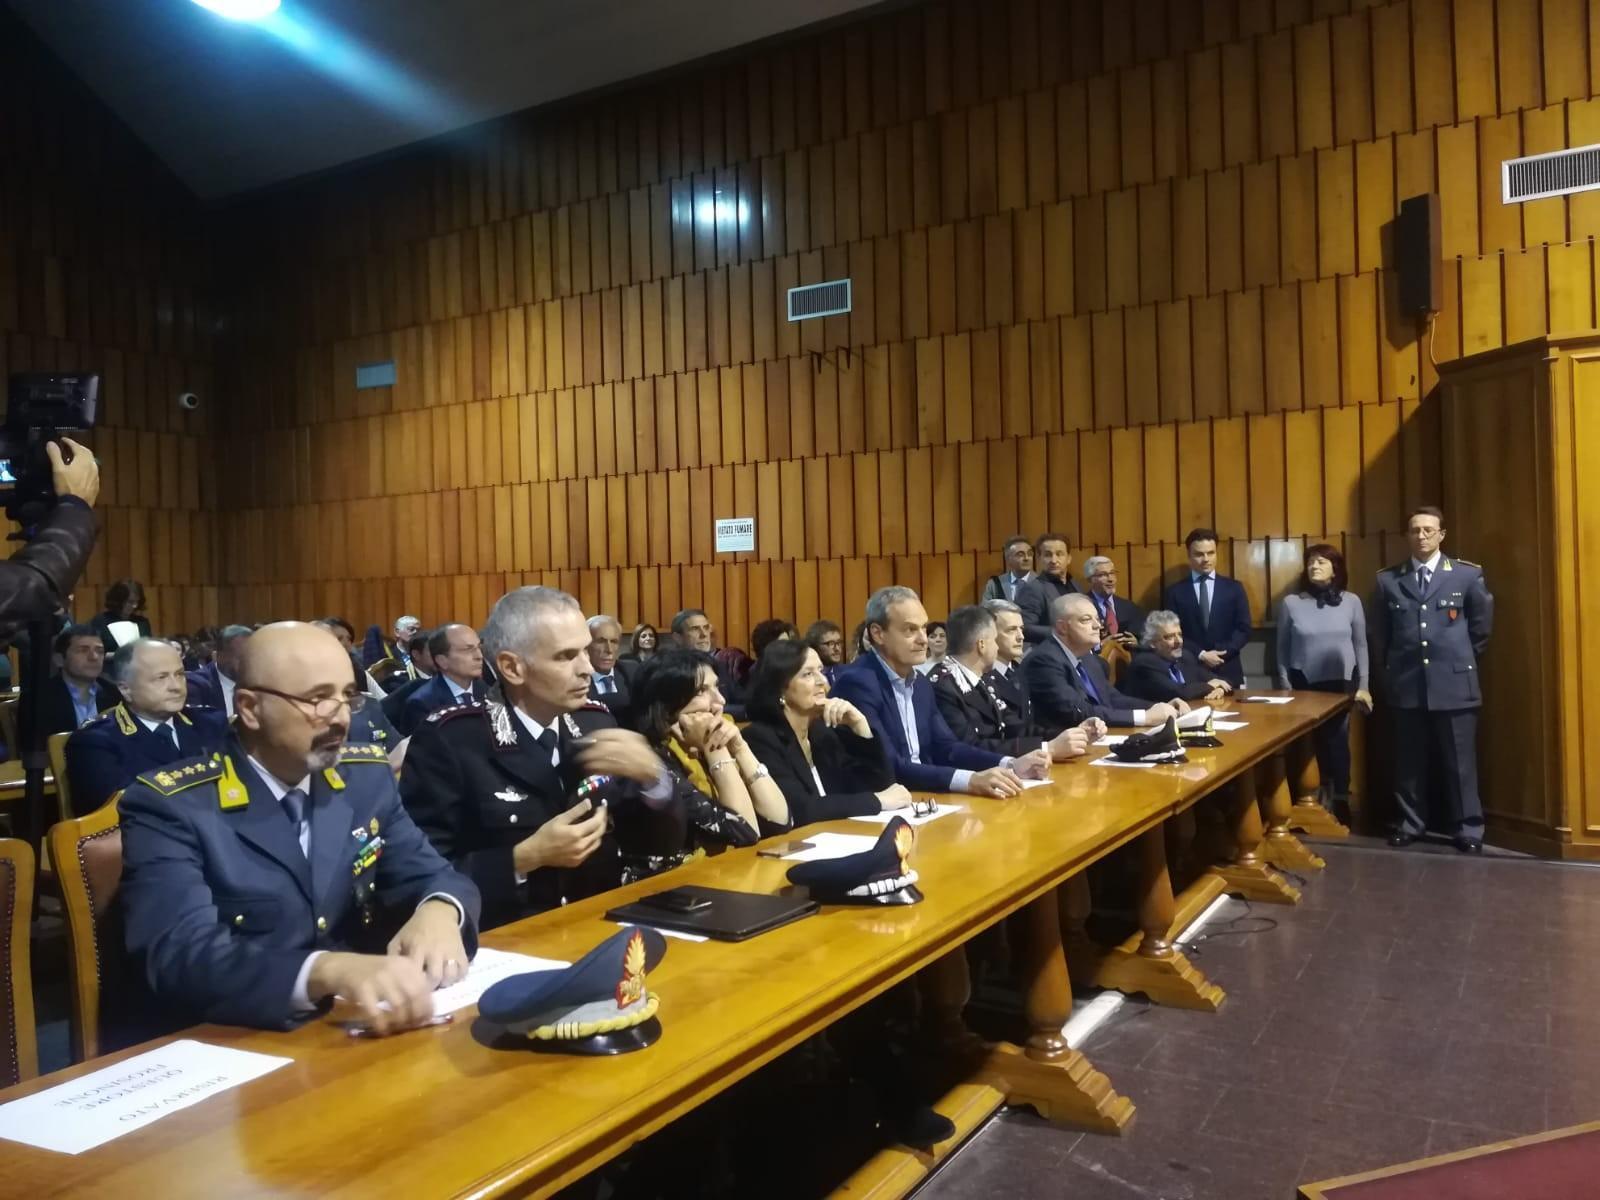 Procura e Anac contro corruzione e riciclaggio: arriva il protocollo d'intesa